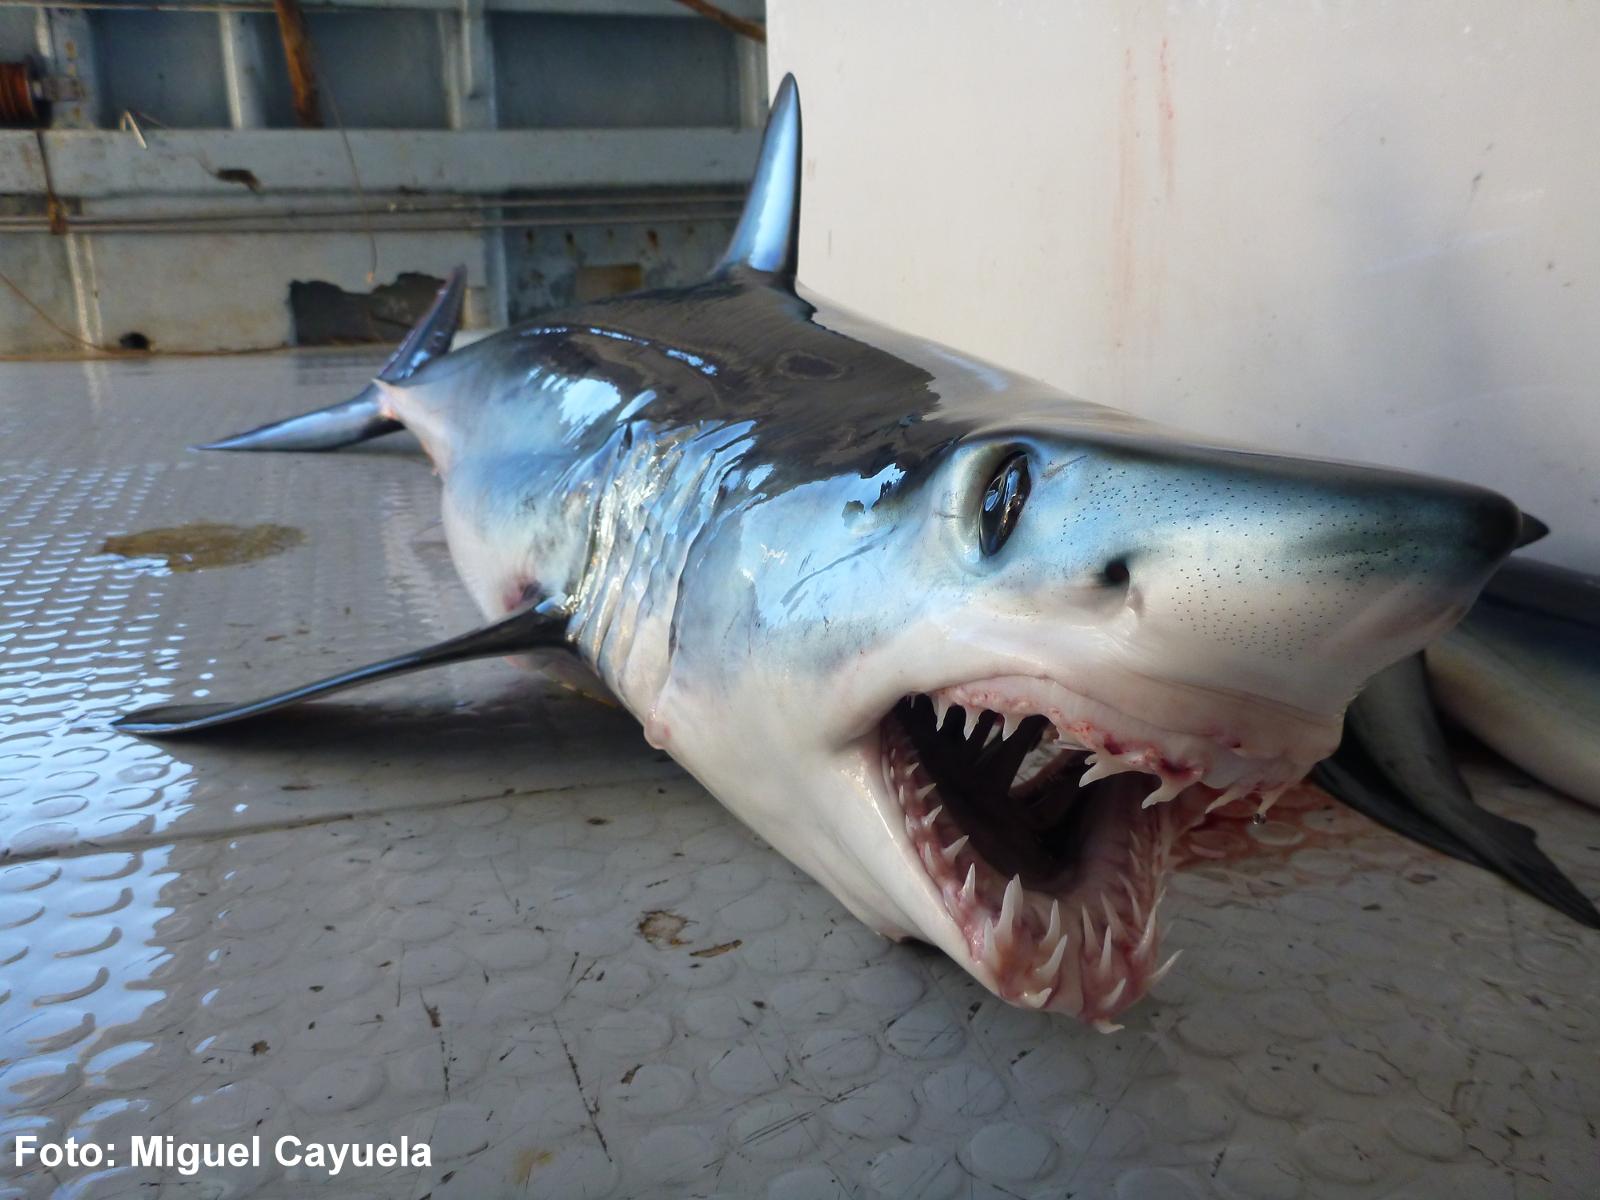 Un tiburón marrajo, que pertenece a la misma familia que el gran tiburón blanco (Lamnidae) pero es de inferior tamaño y vive en las profundidades, siendo extraño en aguas someras y cercanas a la costa. Imagen de Miguel Cayuela - IEO